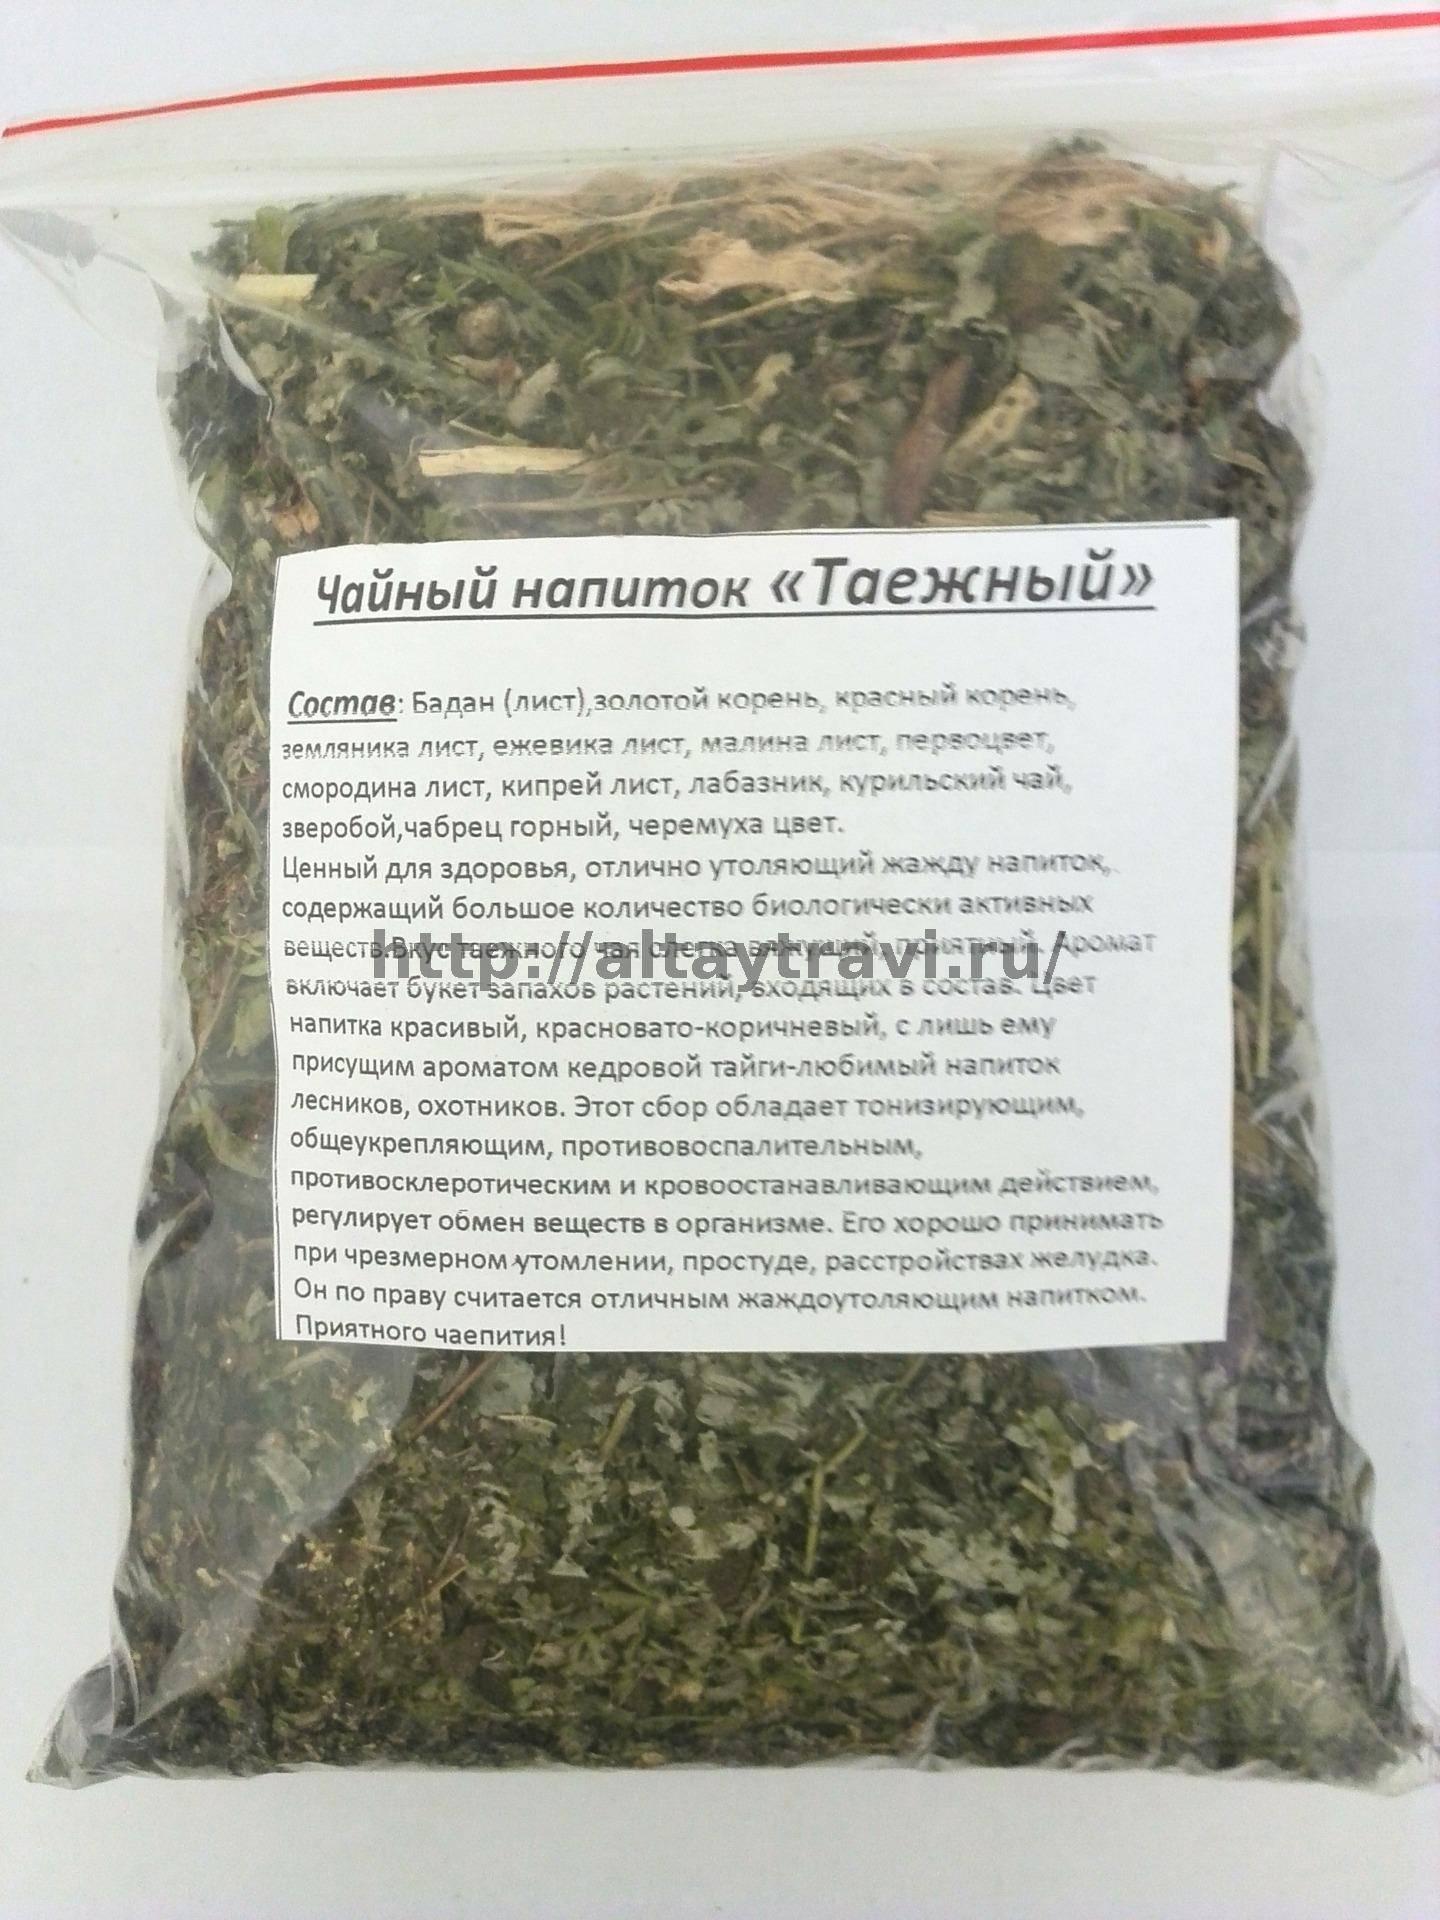 Курильский чай: полезные свойства и противопоказания